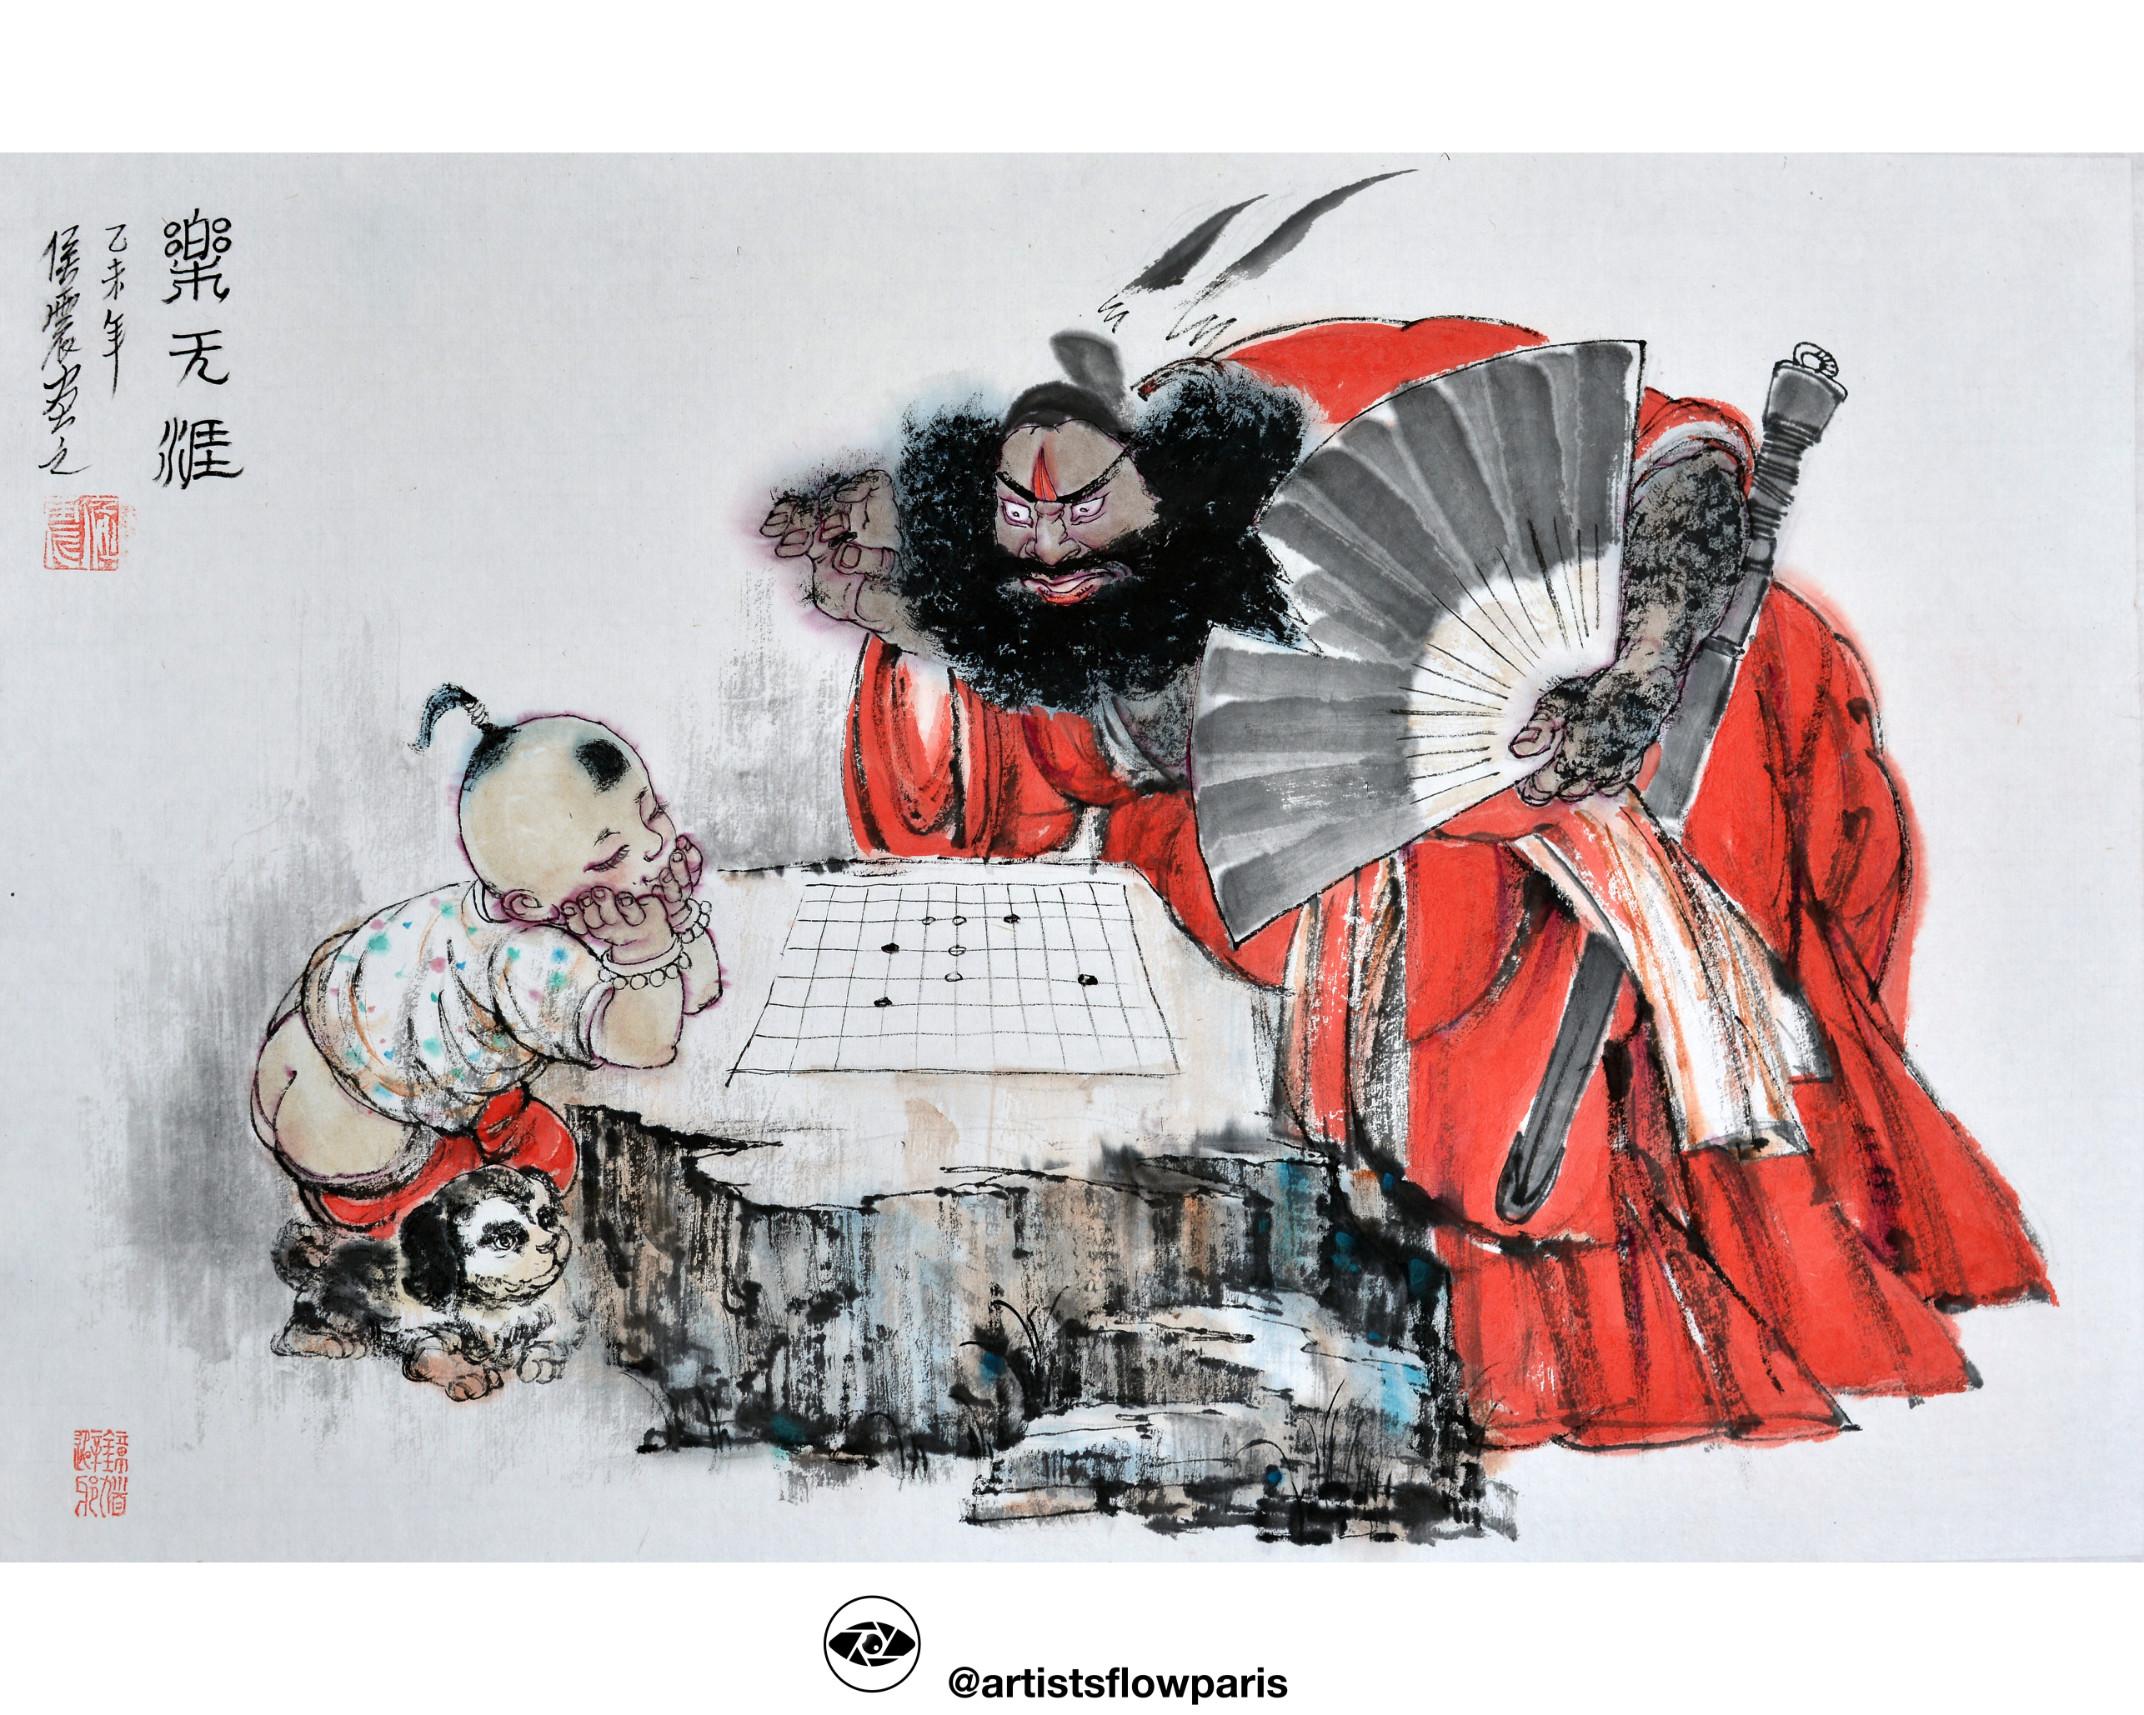 远东文化中的神性与人性:侯震系列作品钟馗